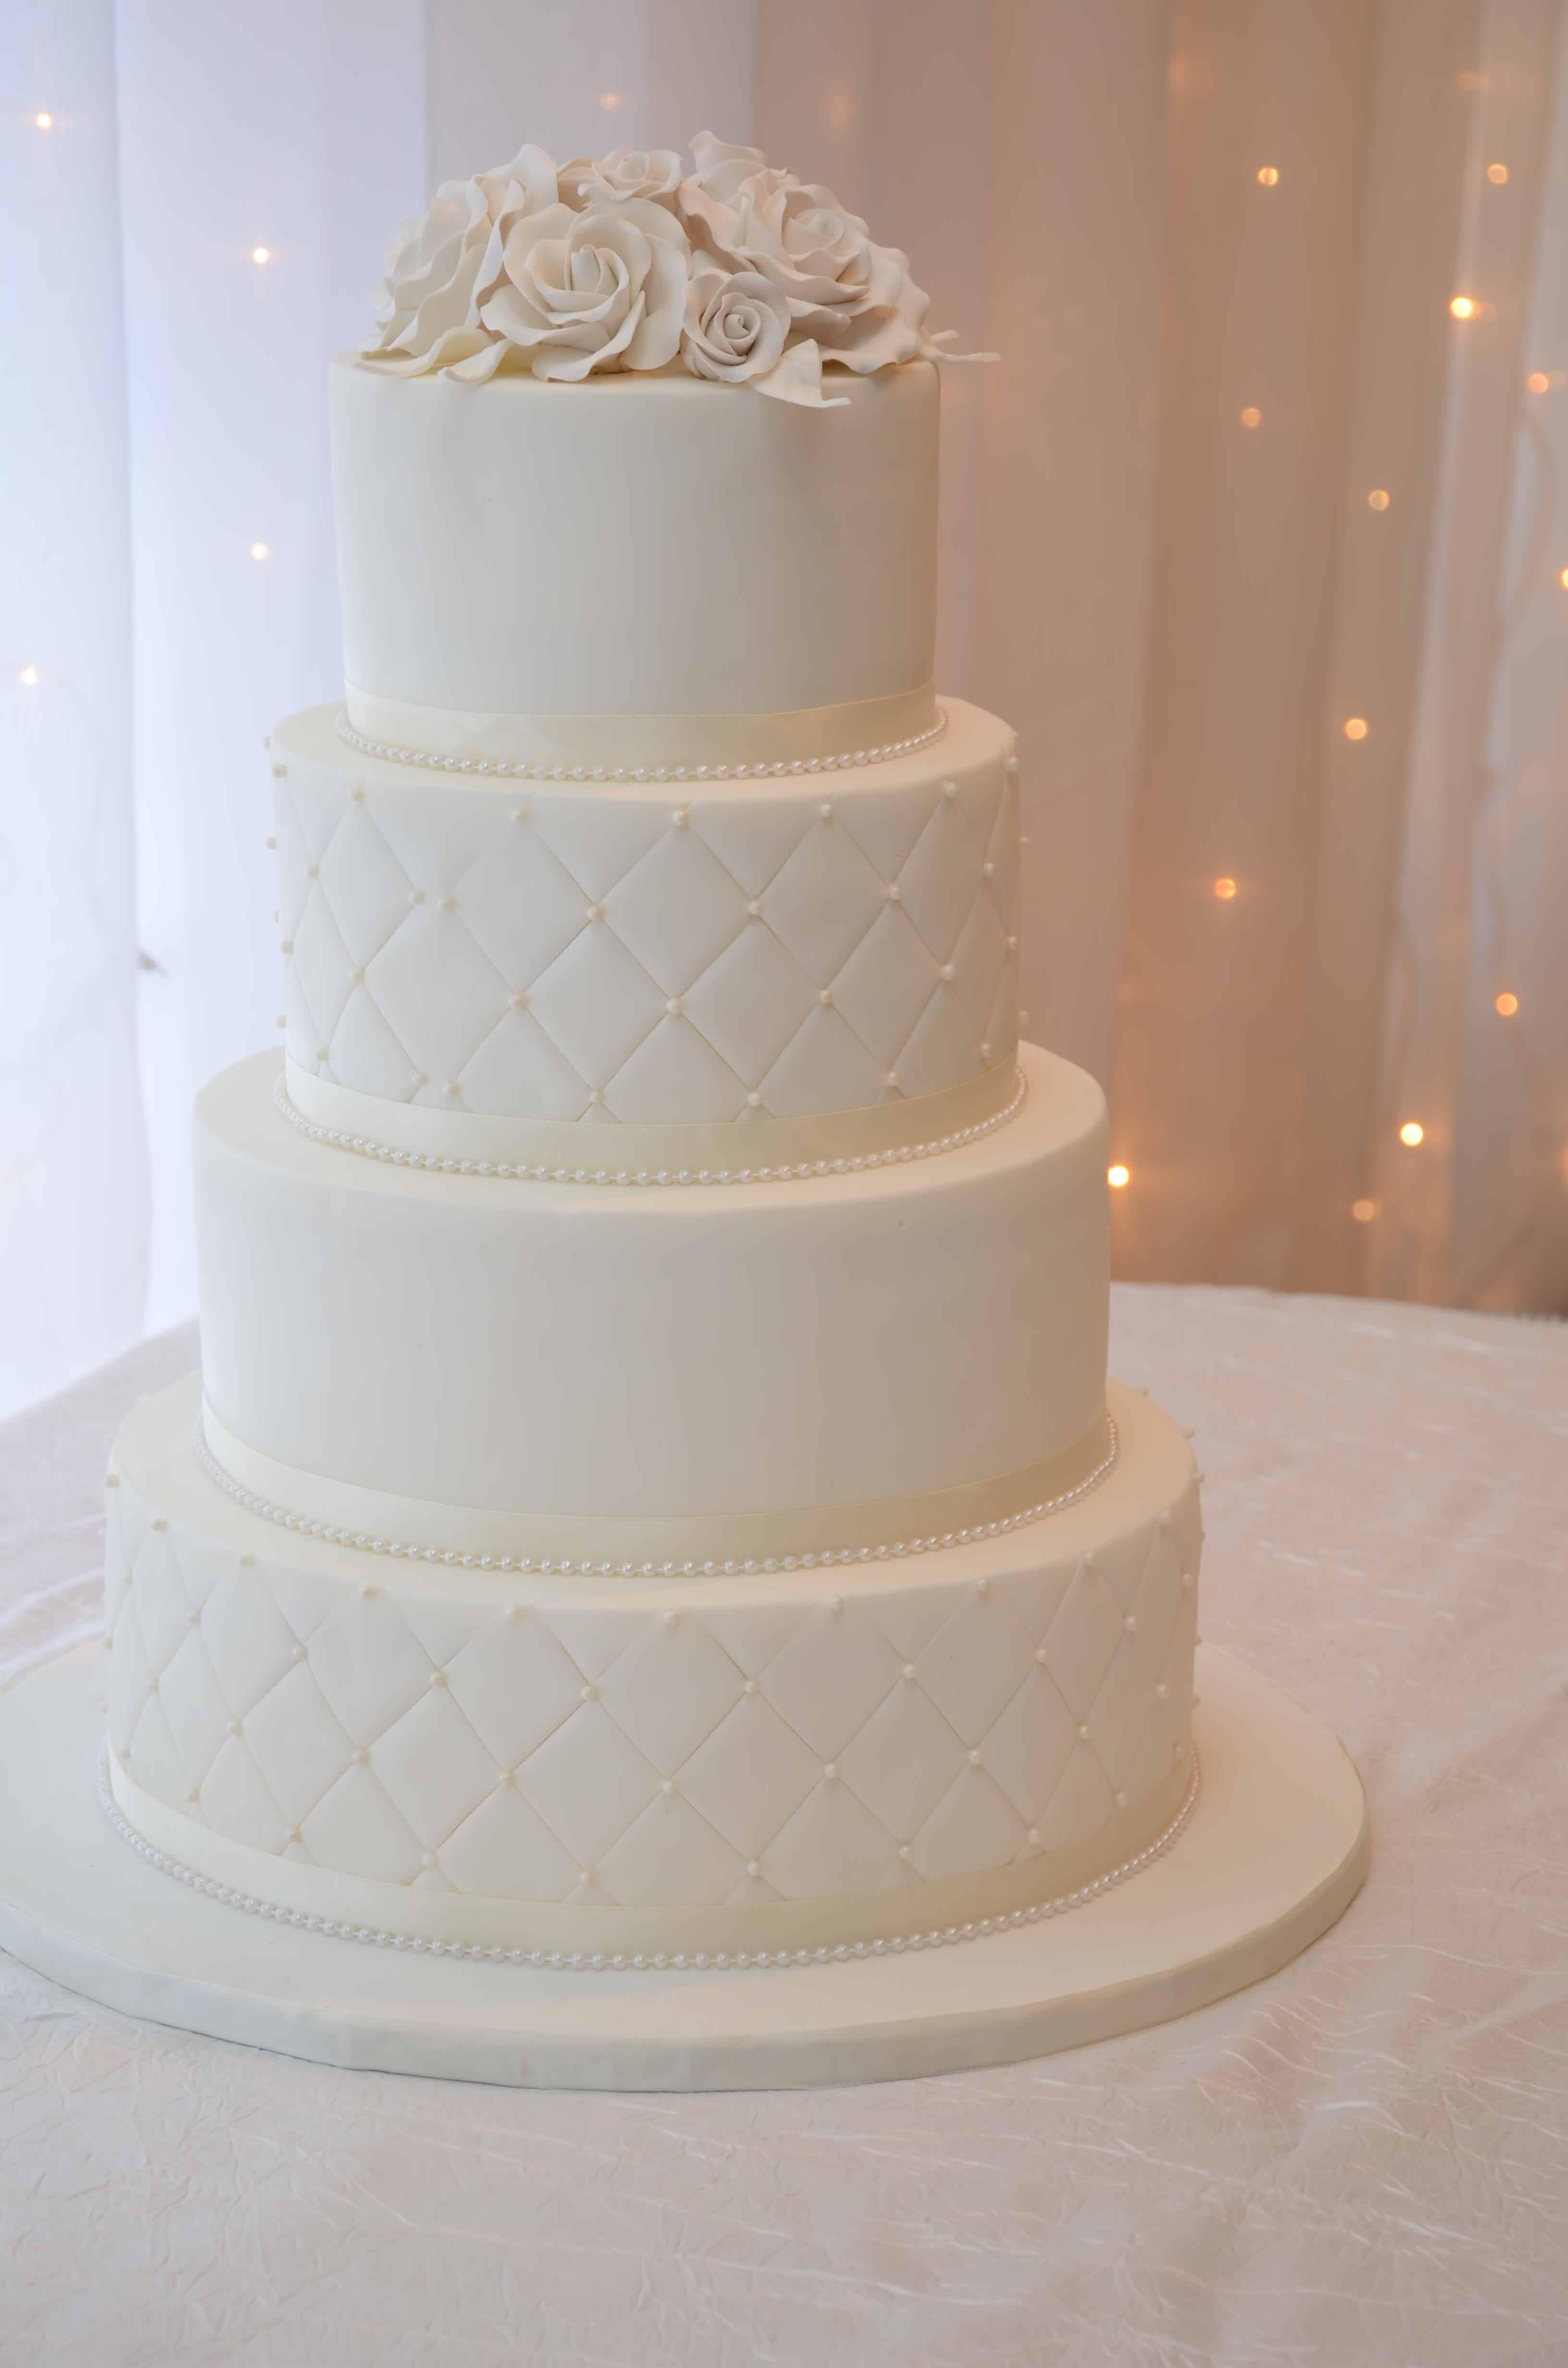 Gâteau Mariage Blanc étages 1 Cabane à Sucre Constantin